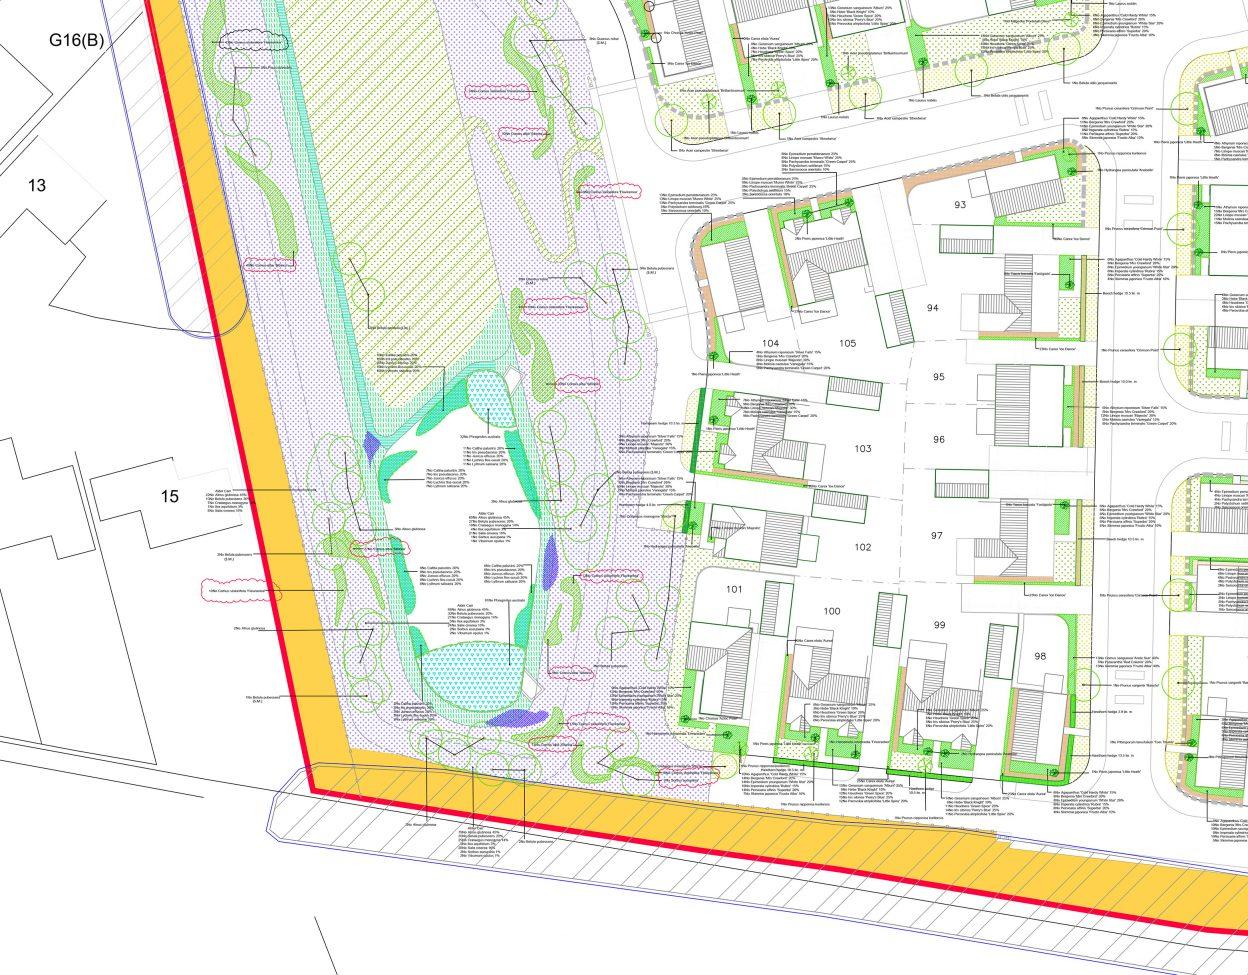 Coalville CAD plan